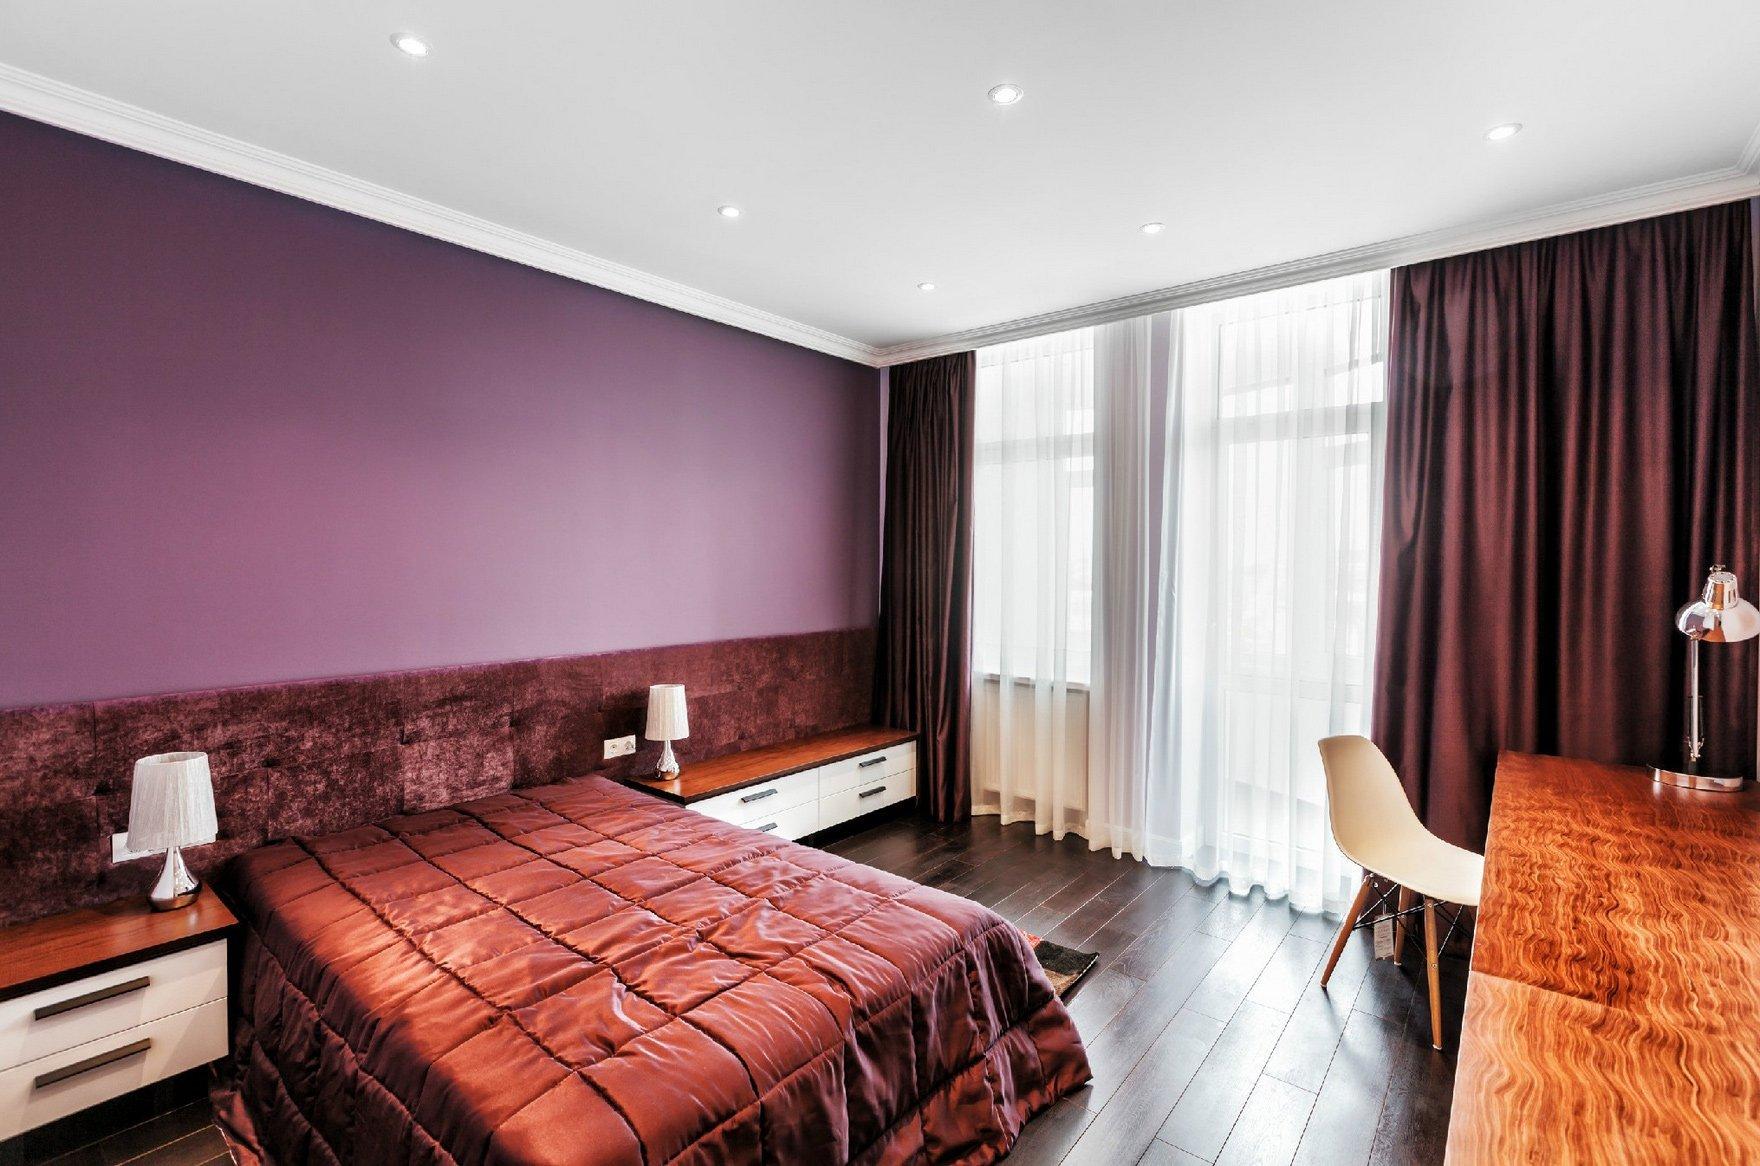 отличными матовый натяжной потолок в спальне фото хороший генератор идей